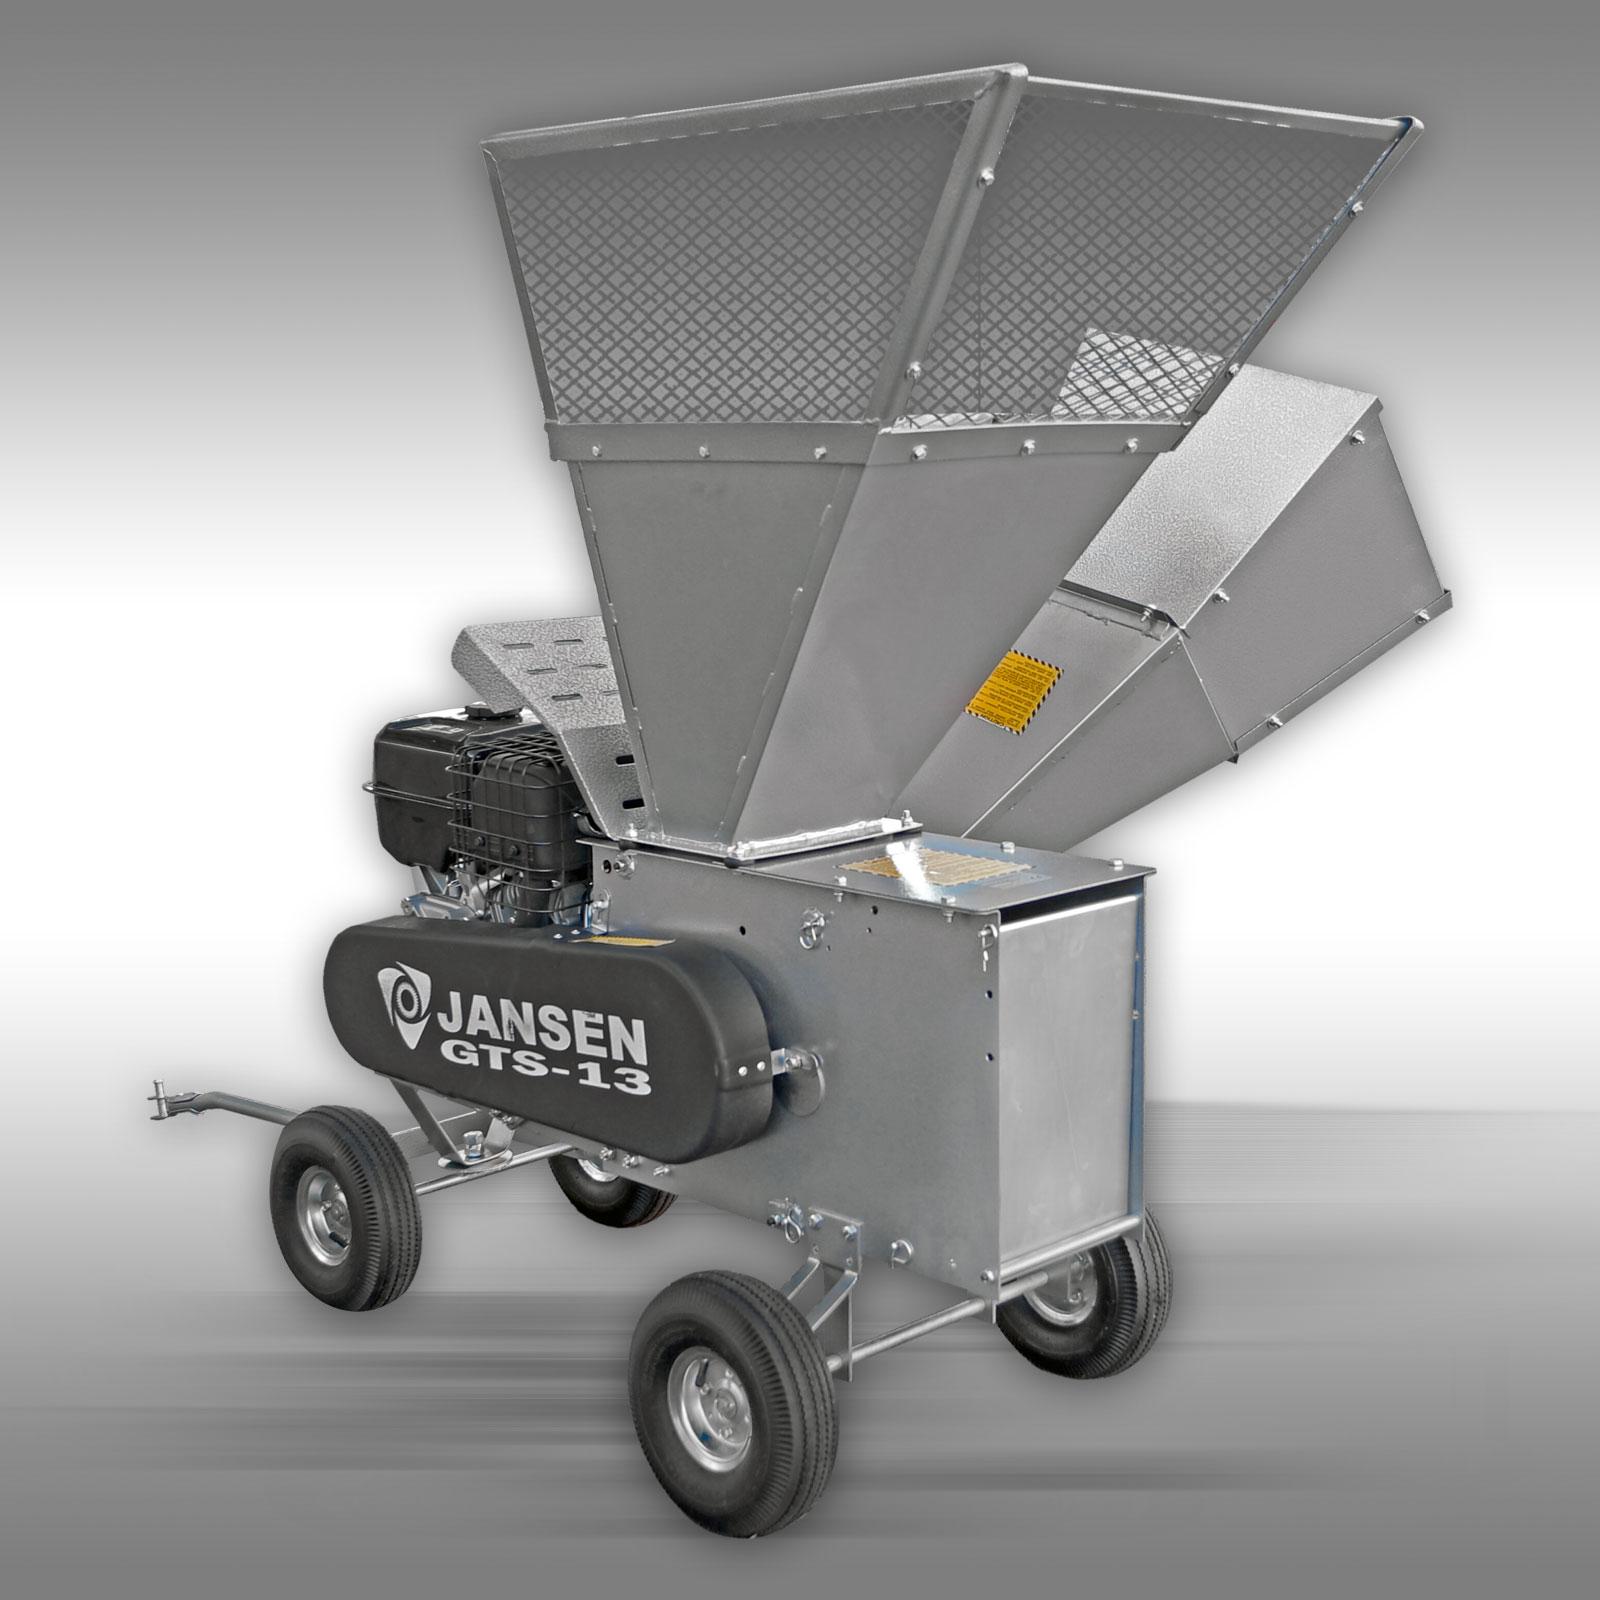 schredder h cksler motorh cksler gartenh cksler holzh cksler holzschredder 13 ps. Black Bedroom Furniture Sets. Home Design Ideas